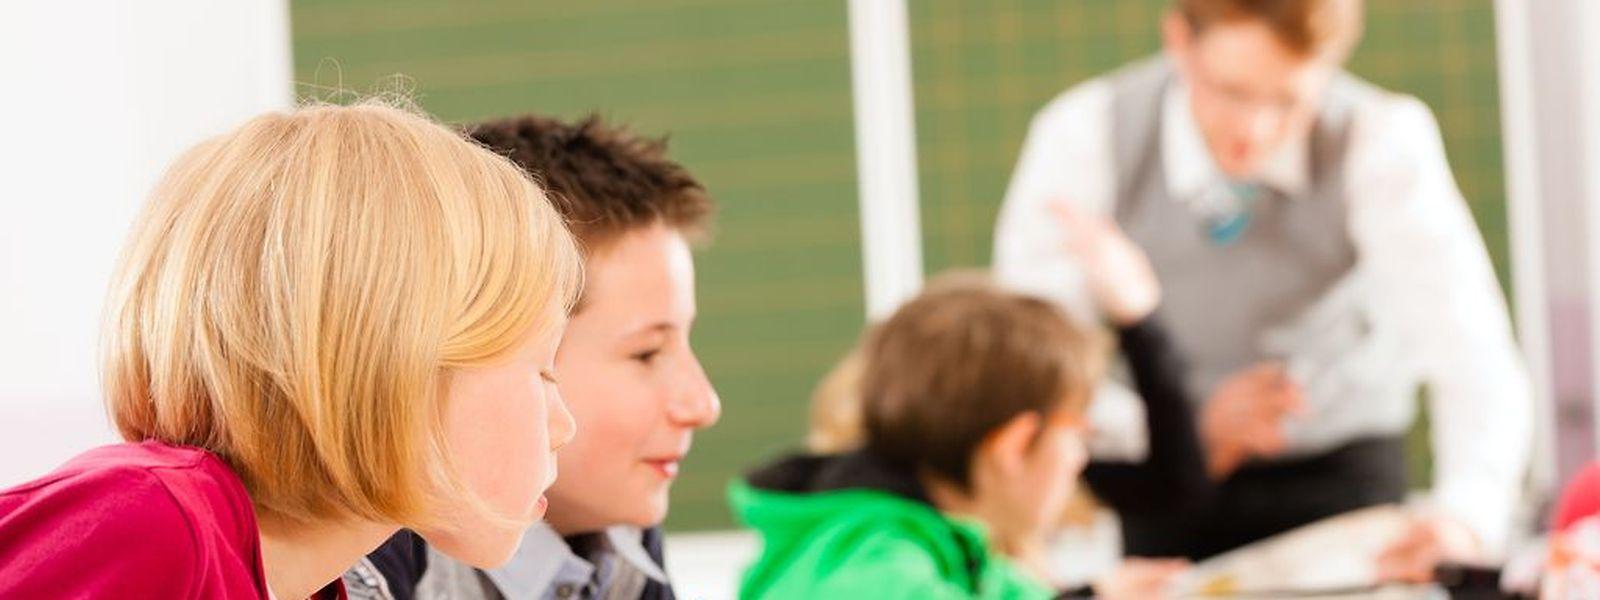 Mit dem neuen Stundenplan wird die Grundschule zu einer Tagesstätte umgewandelt, sagt SEW-Präsident Patrick Arendt.